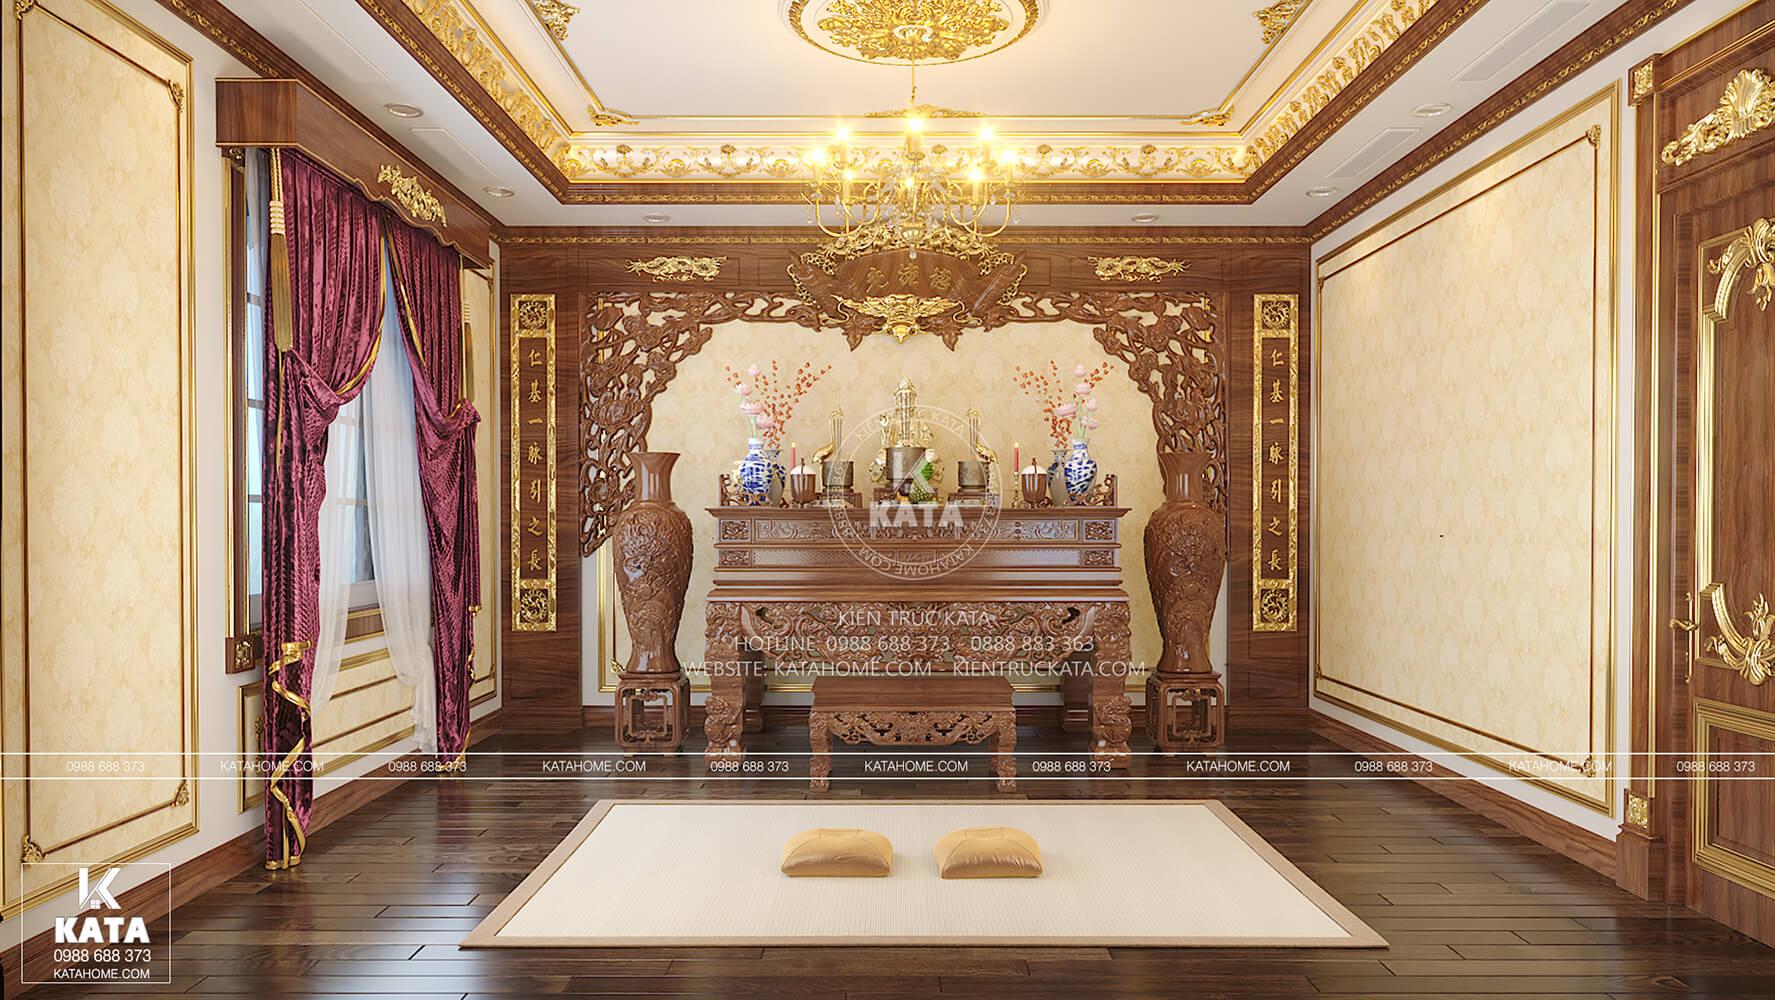 Thiết kế nội thất tân cổ điển cho không gian phòng thờ